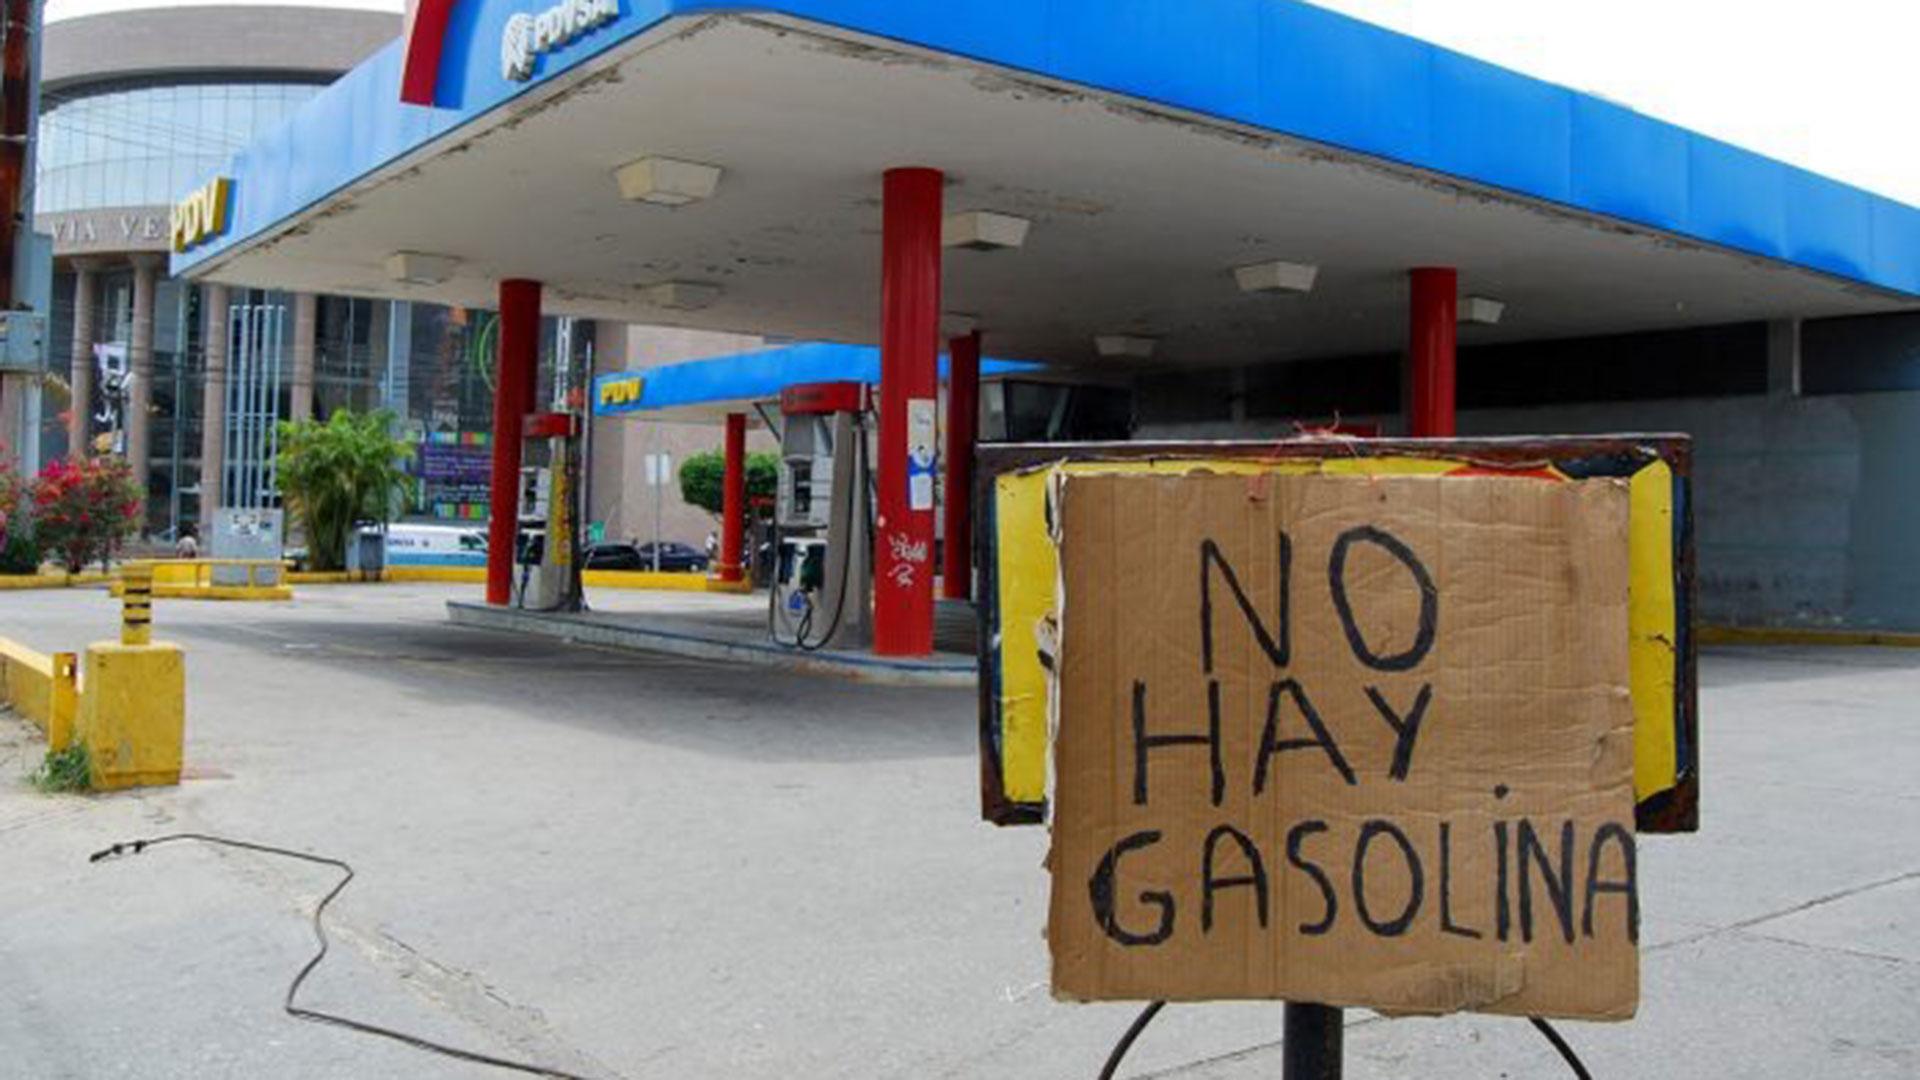 Bloomberg: Racionamiento de gasolina hunde a Venezuela en la crisis  económica - Runrun